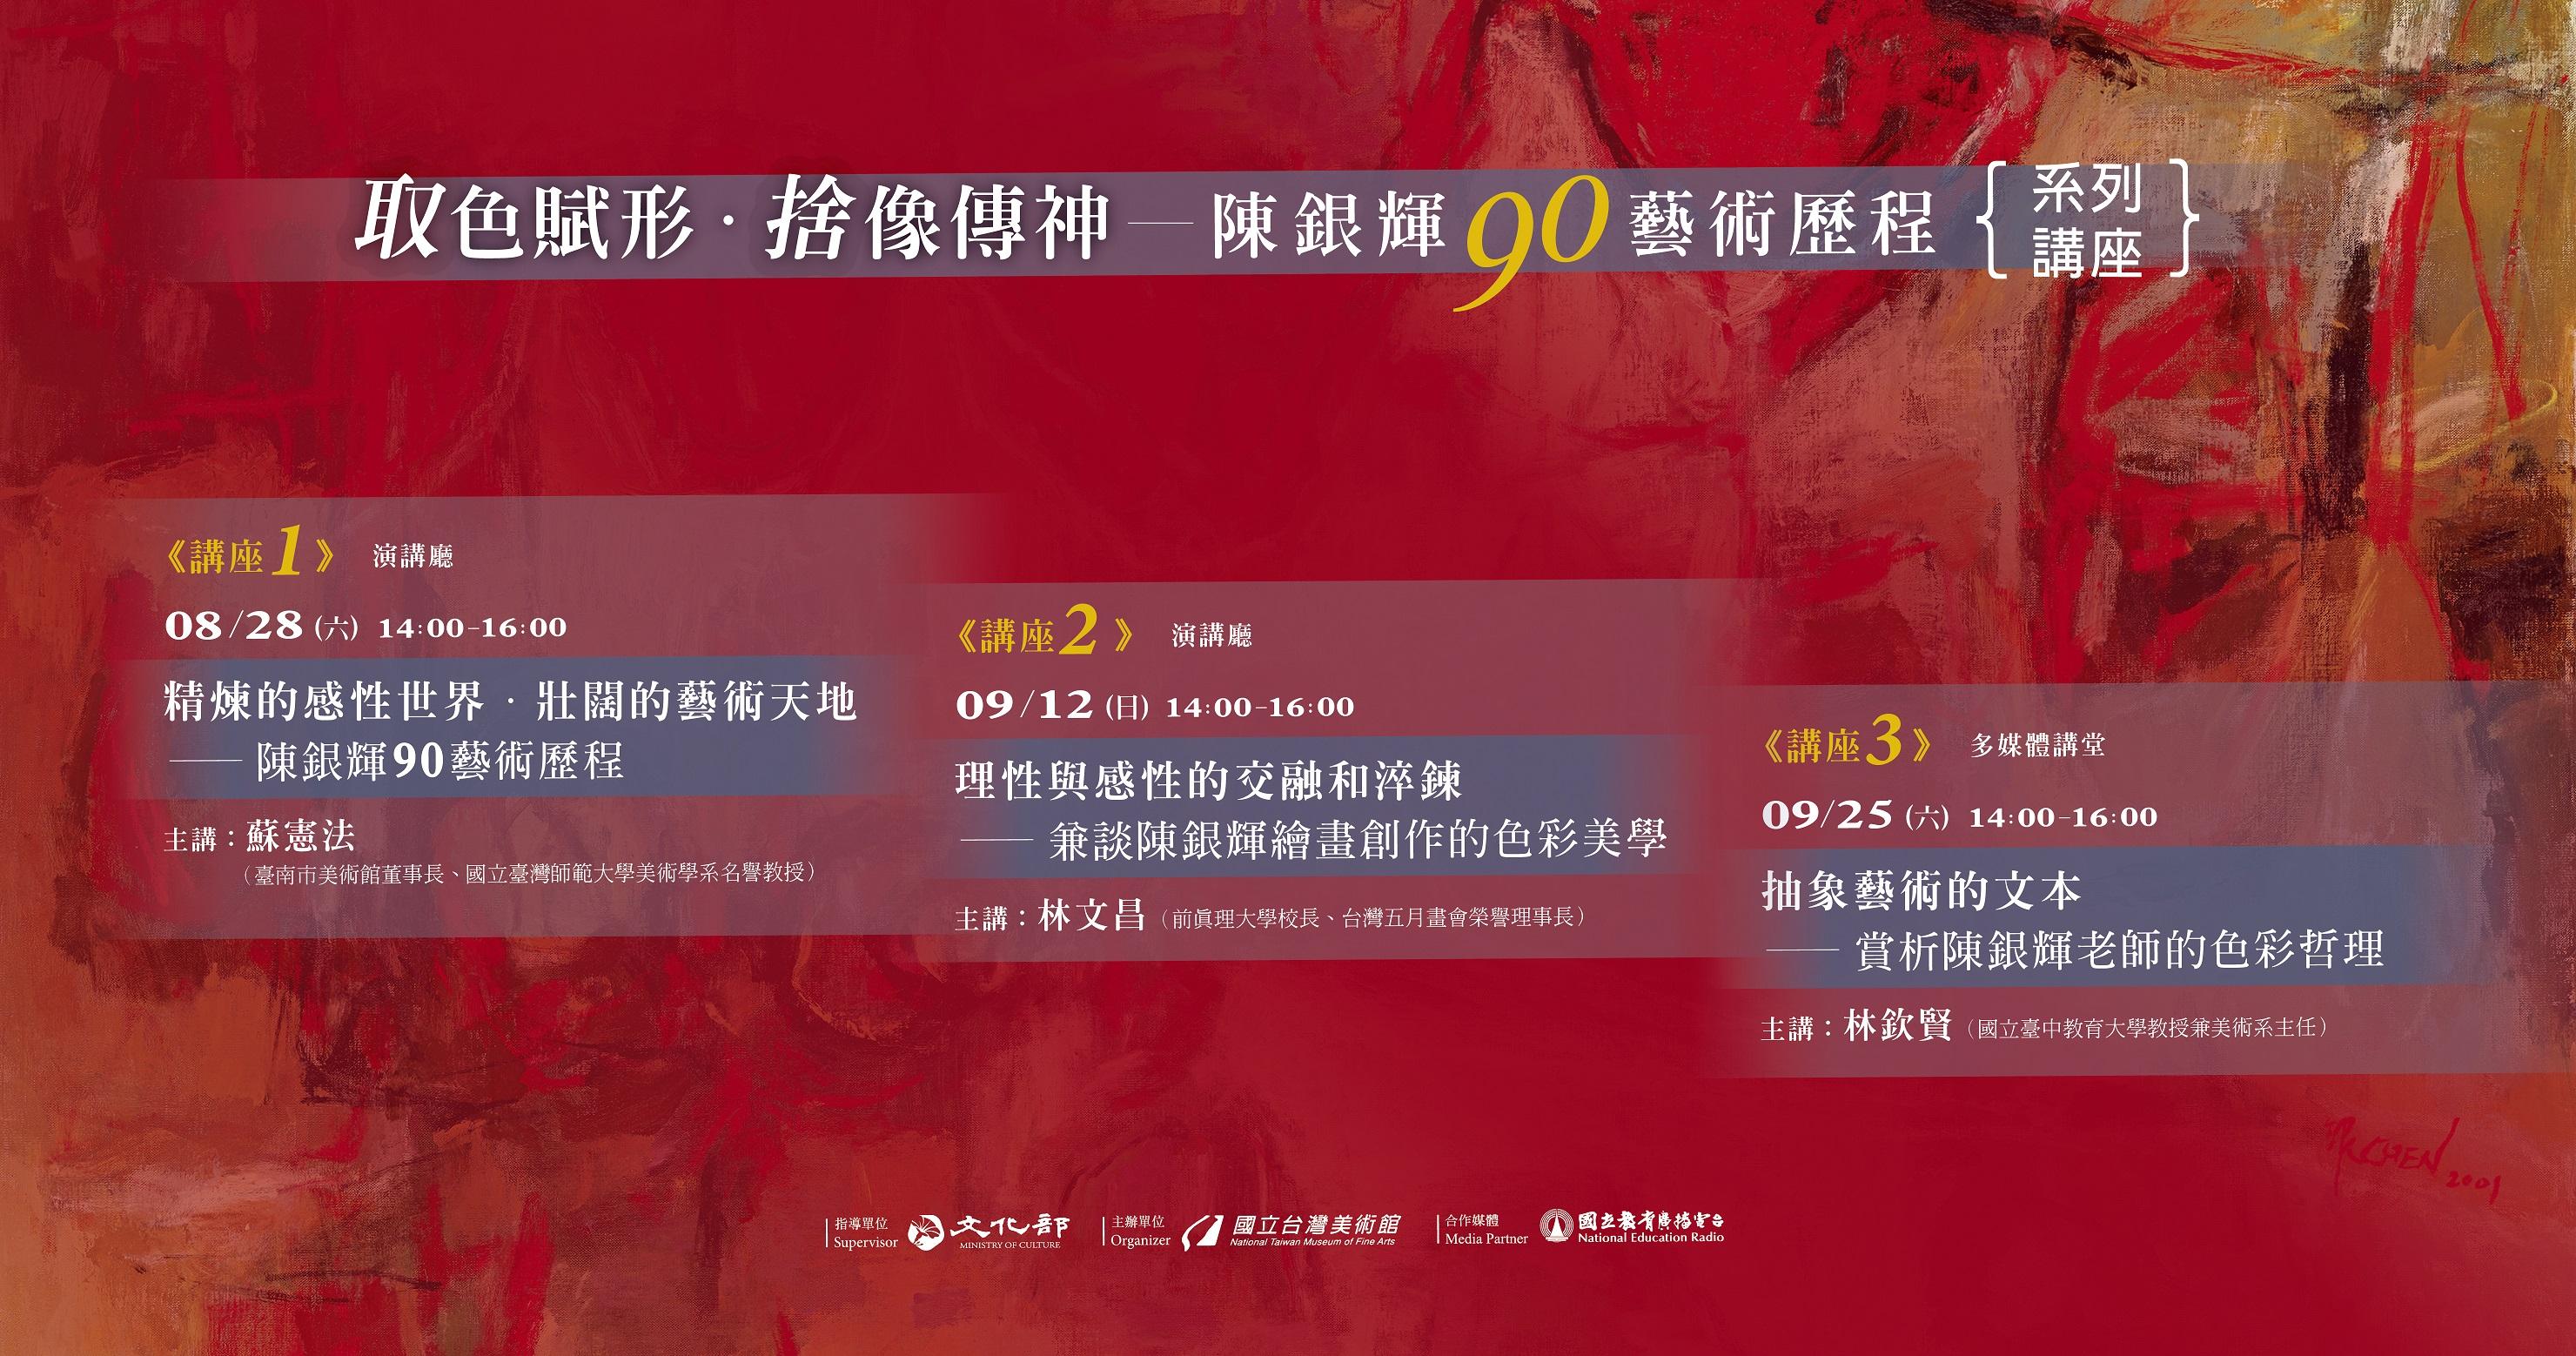 「取色賦形.捨像傳神─陳銀輝90藝術歷程」專題講座「另開新視窗」